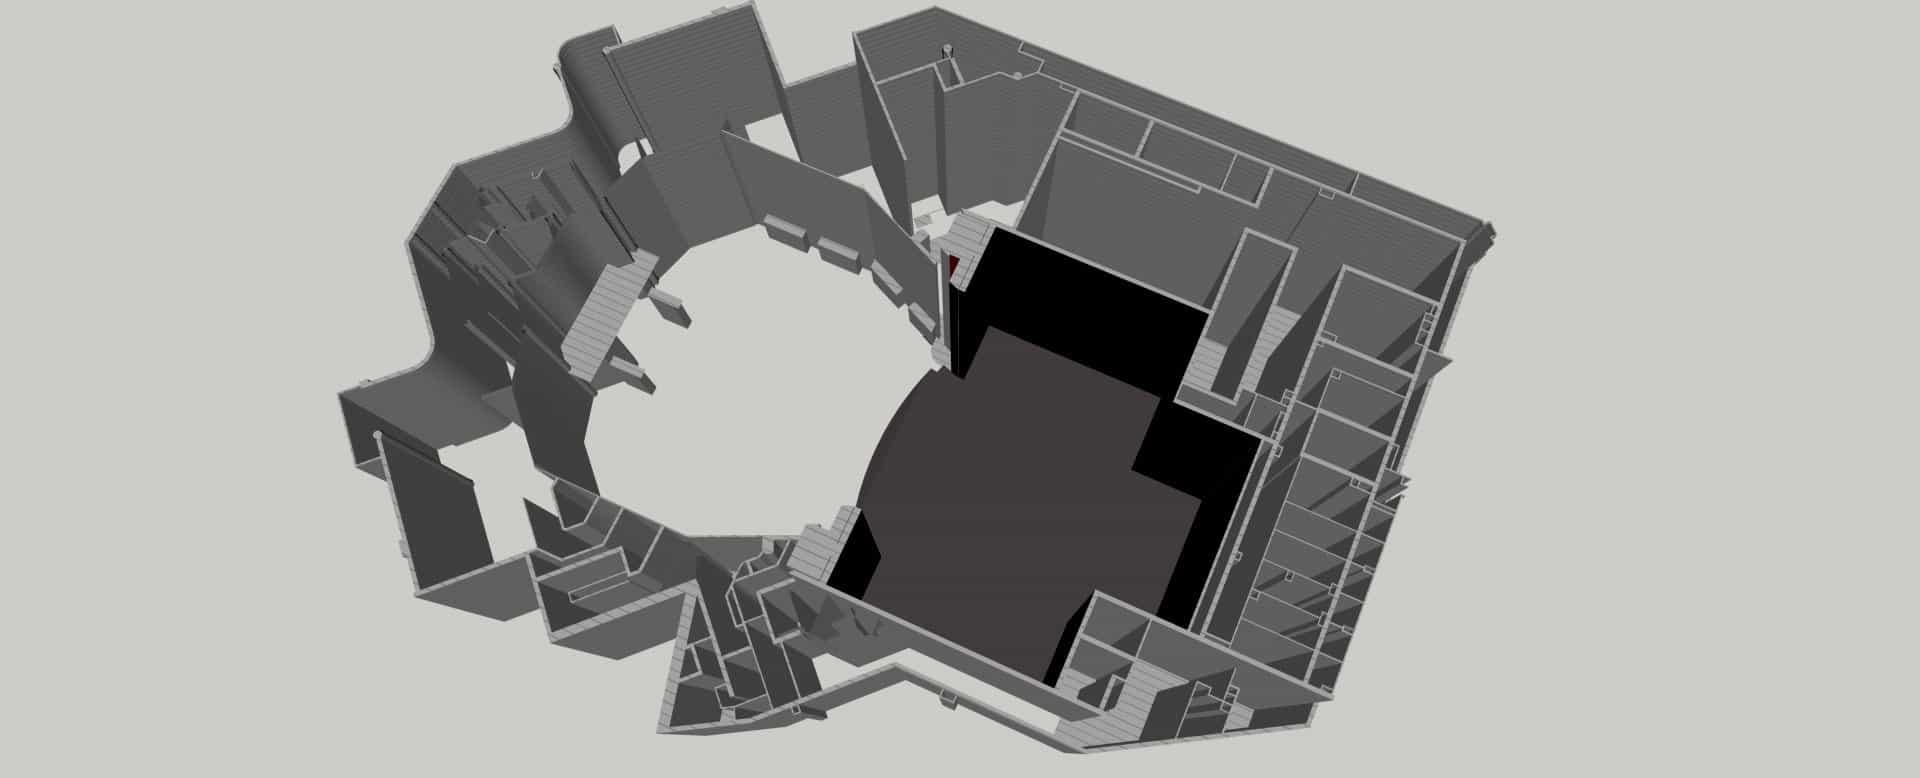 progettazione-eventi-service-per-concerti-audizioni-spettacoli-grossi-eventi (5)